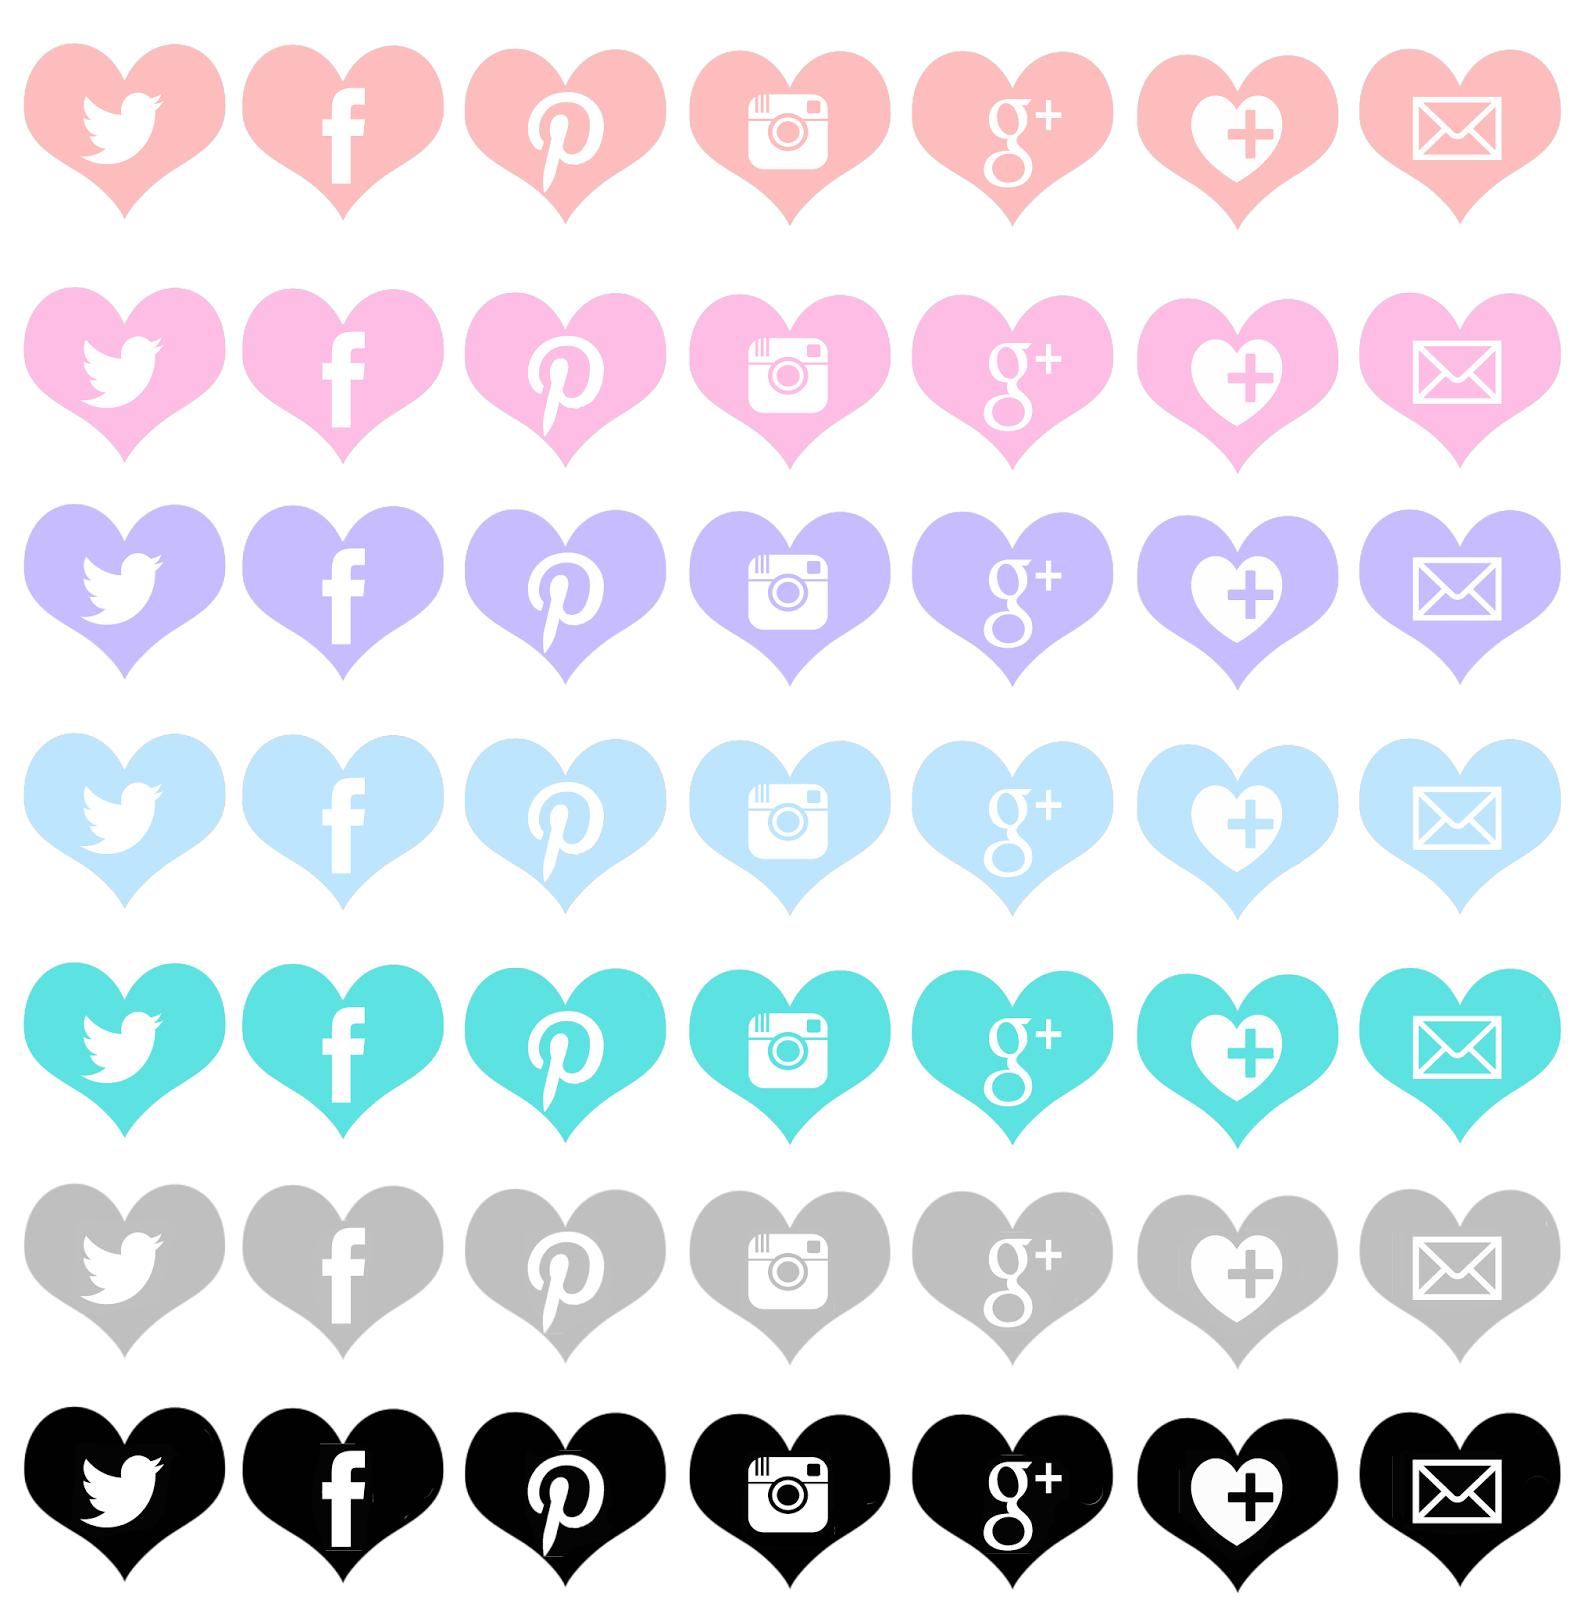 free social media buttons, free social media icons, bloggers, social media buttons for blogs, heart social media buttons, cute social media buttons, heart social media buttons, girly social media buttons, free cute social media buttons, icons,